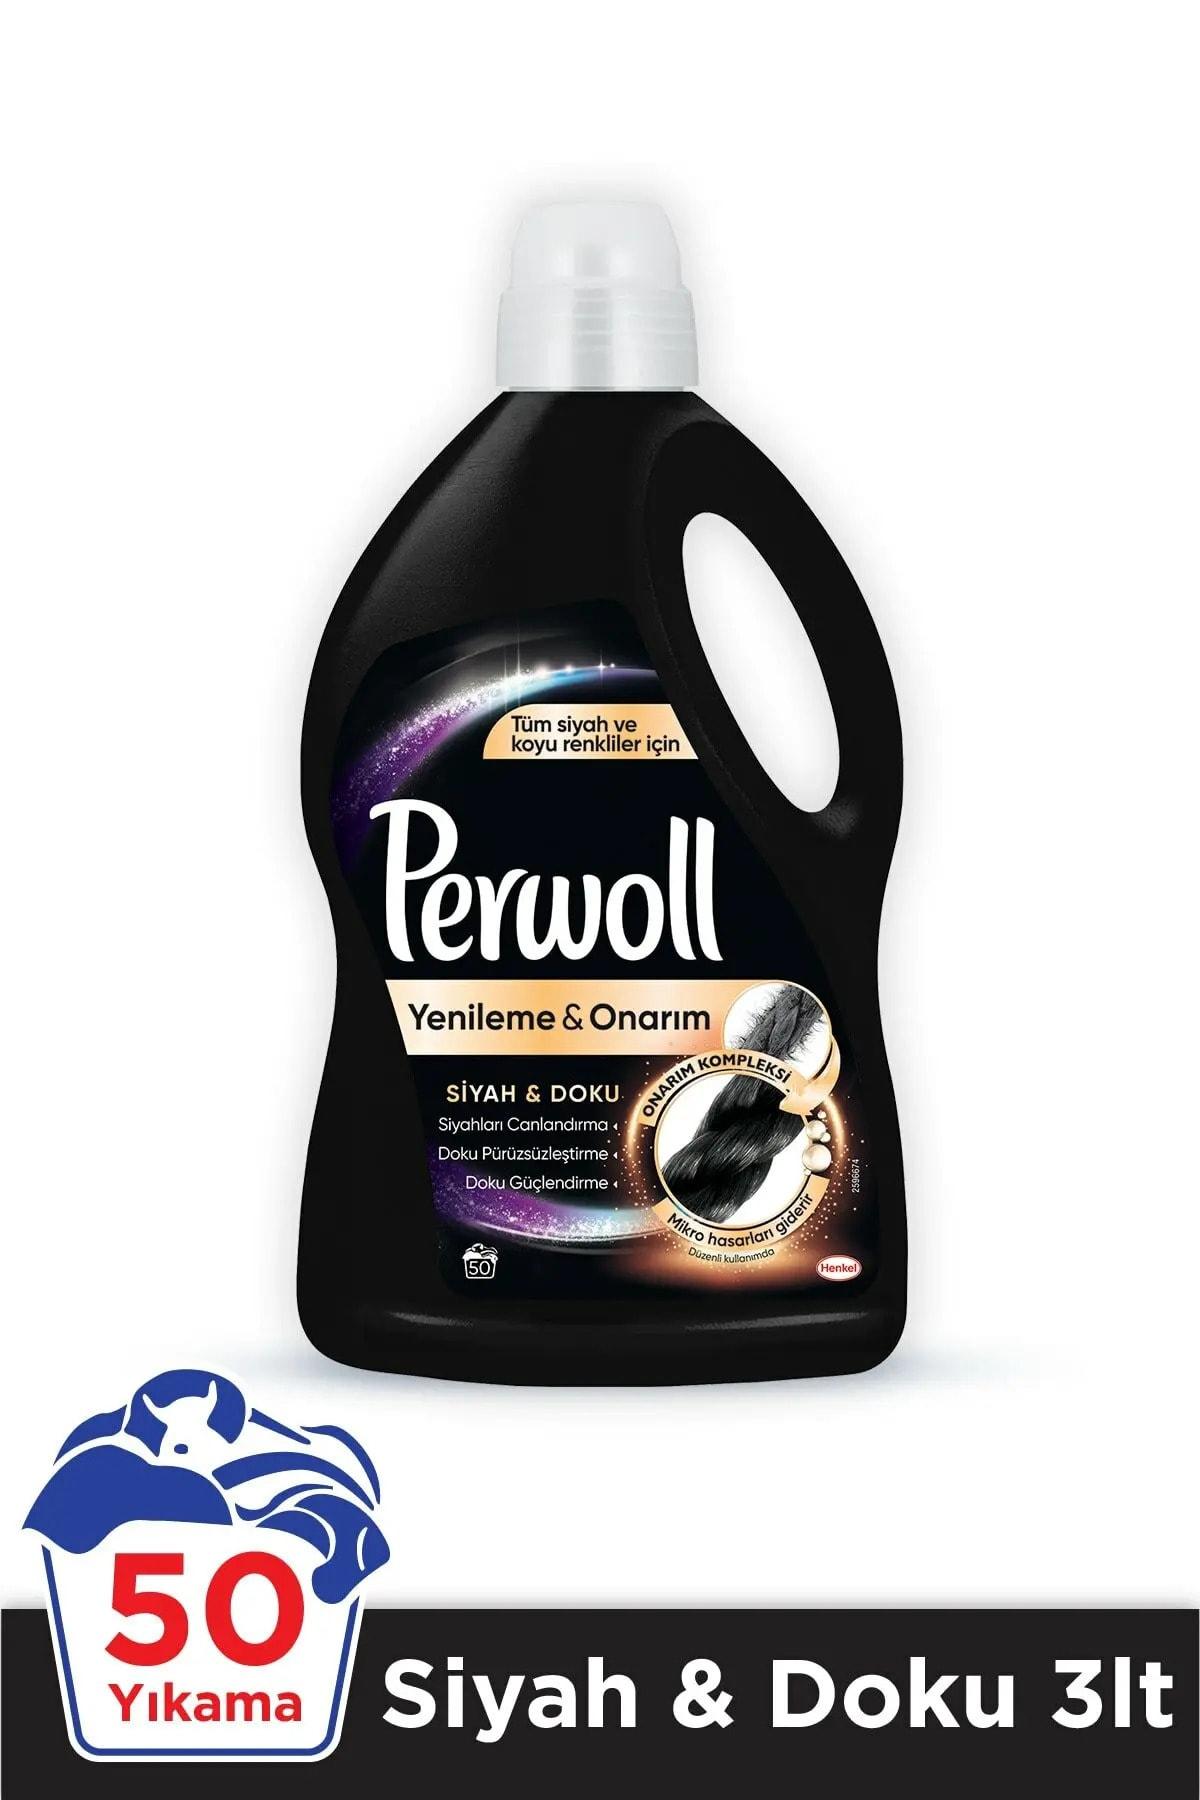 Perwoll Hassas Bakım Sıvı Çamaşır Deterjanı 4 x 3L (200 Yıkama) 4 Siyah Giysiler Doku&Koruma Yenileme&Onarım 2